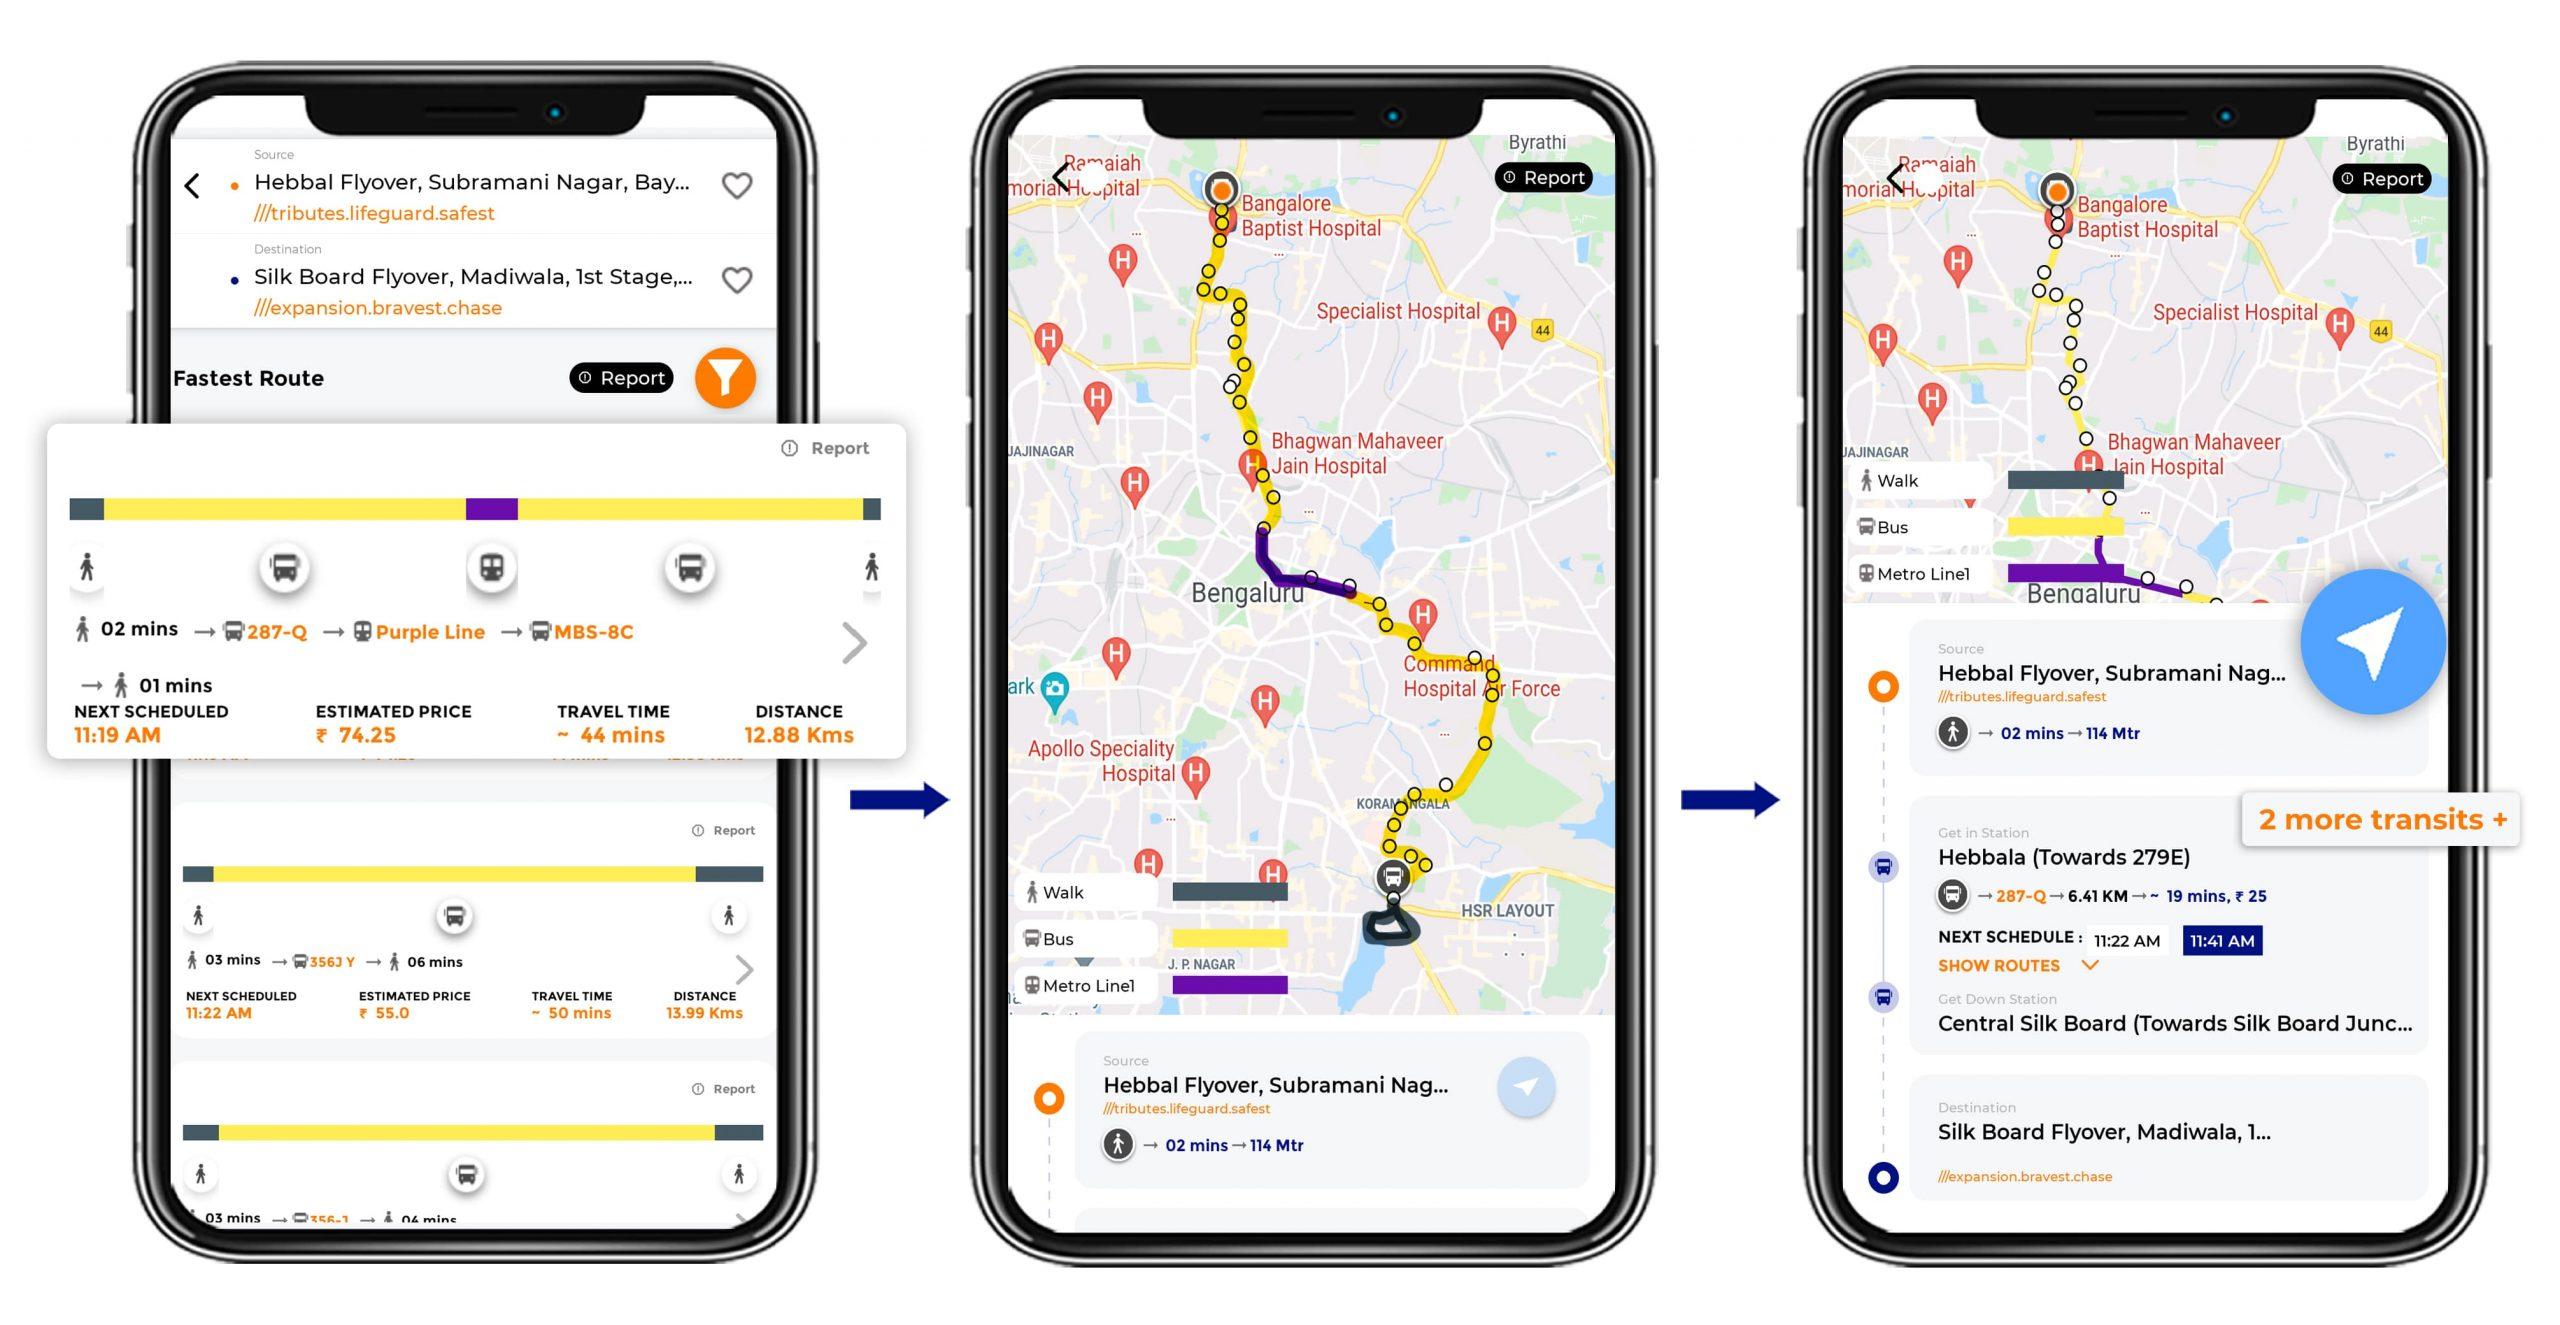 Tummoc, Tummoc app, Hebbal, Silk Board, Public Transport Information